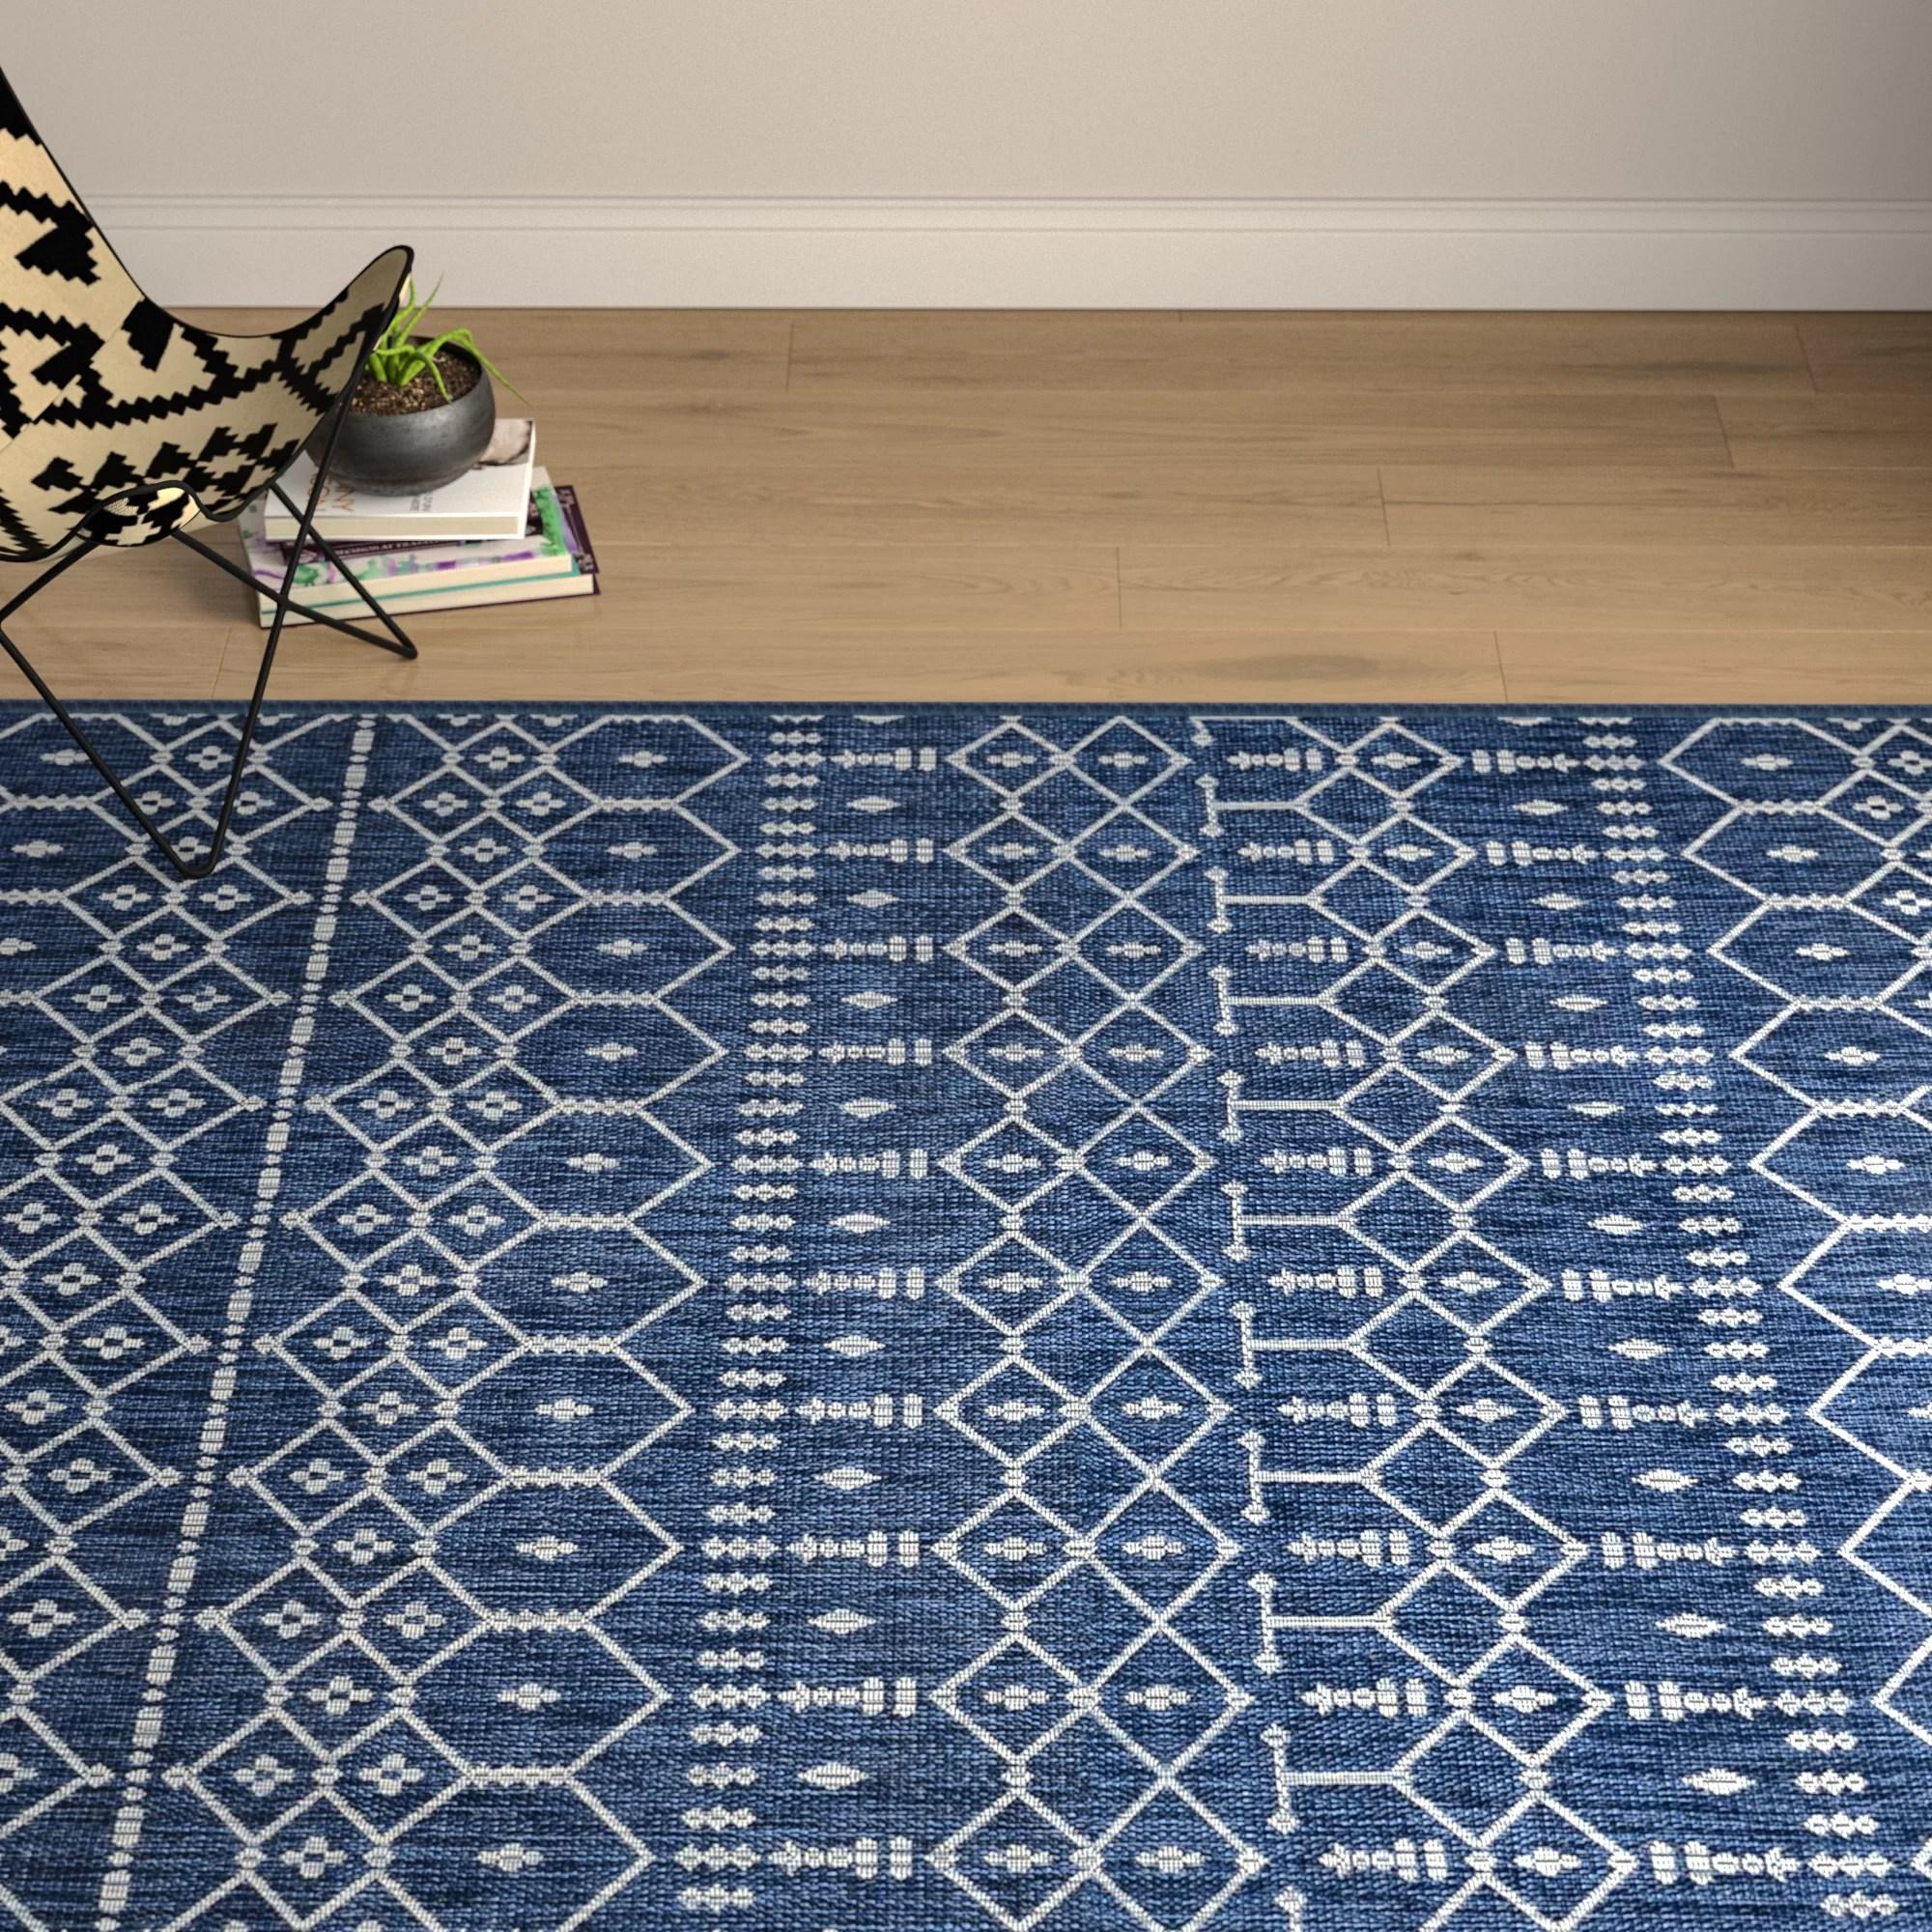 8 x 10 indoor outdoor area rugs you